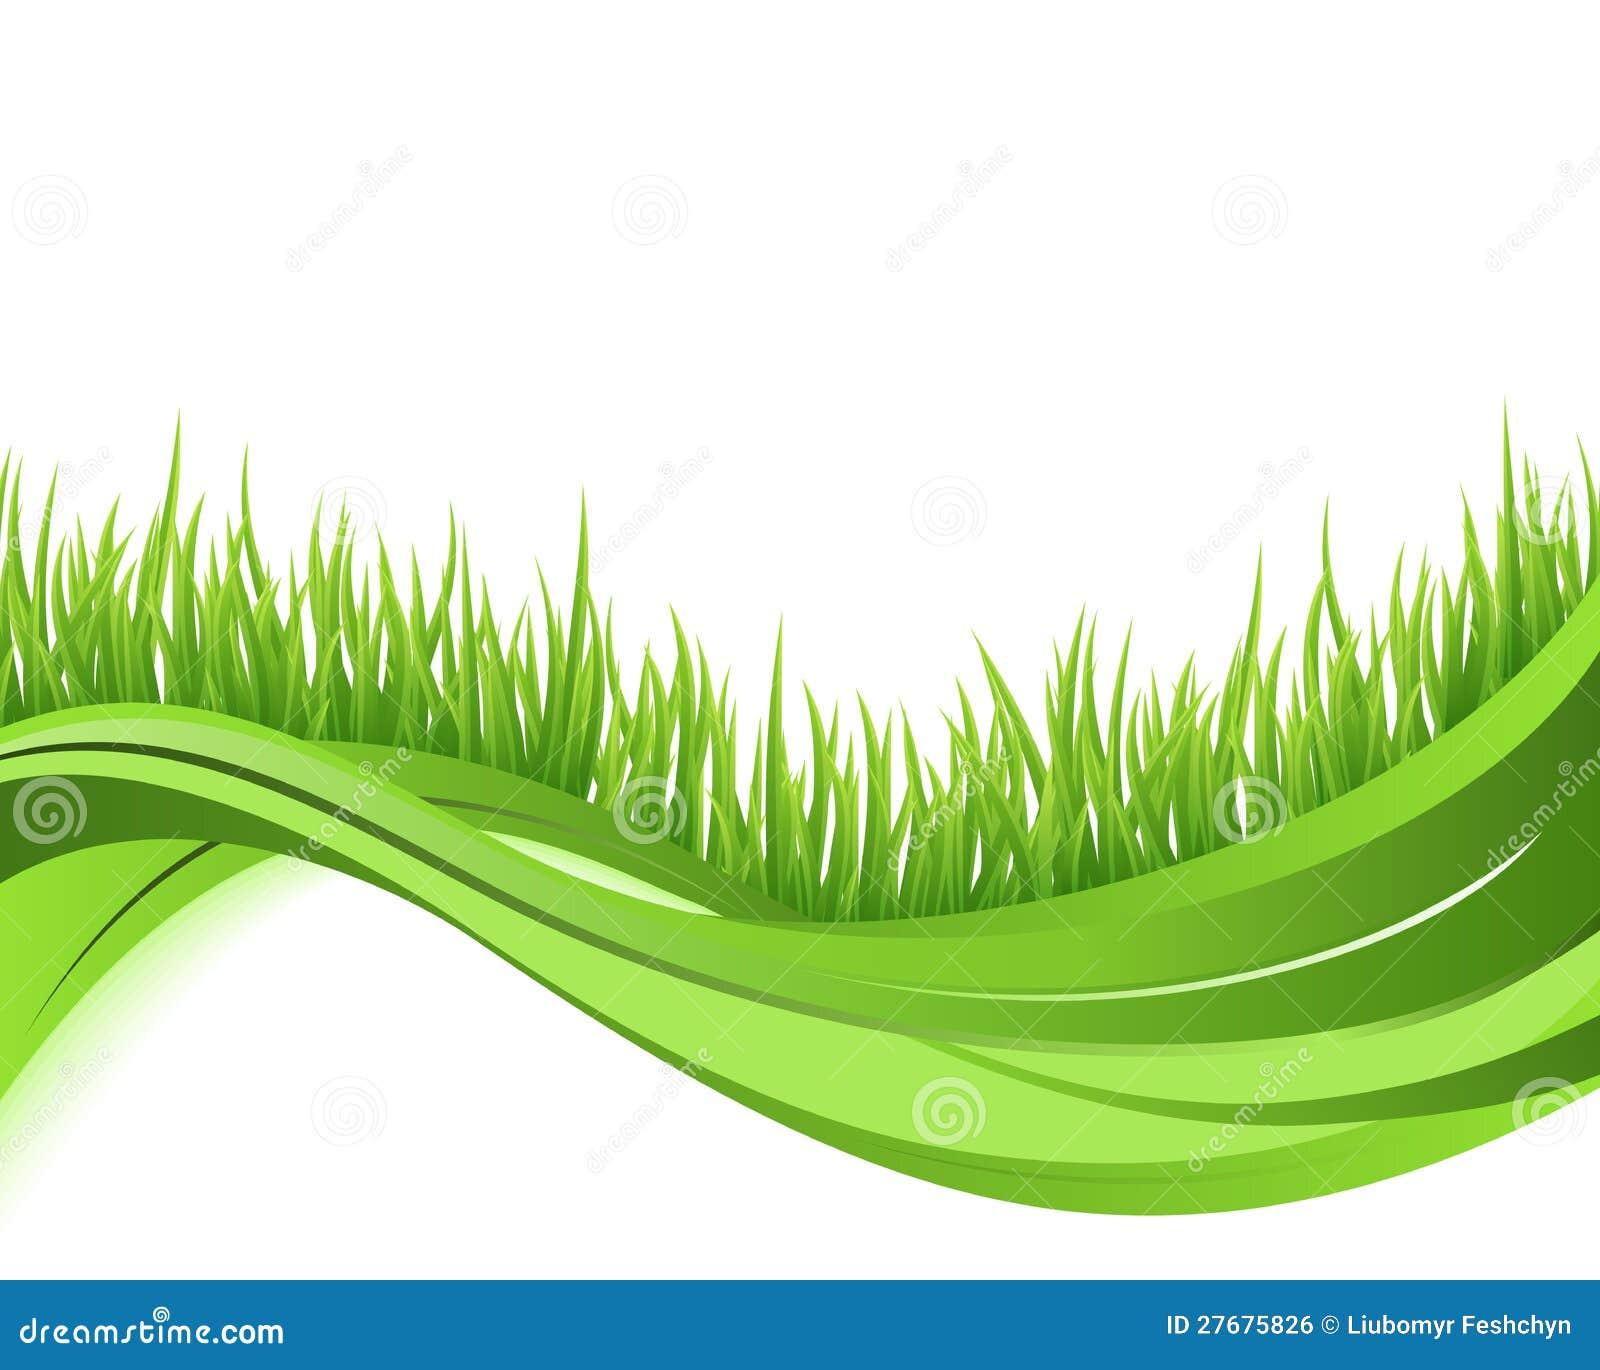 Naturwellenhintergrund des grünen Grases